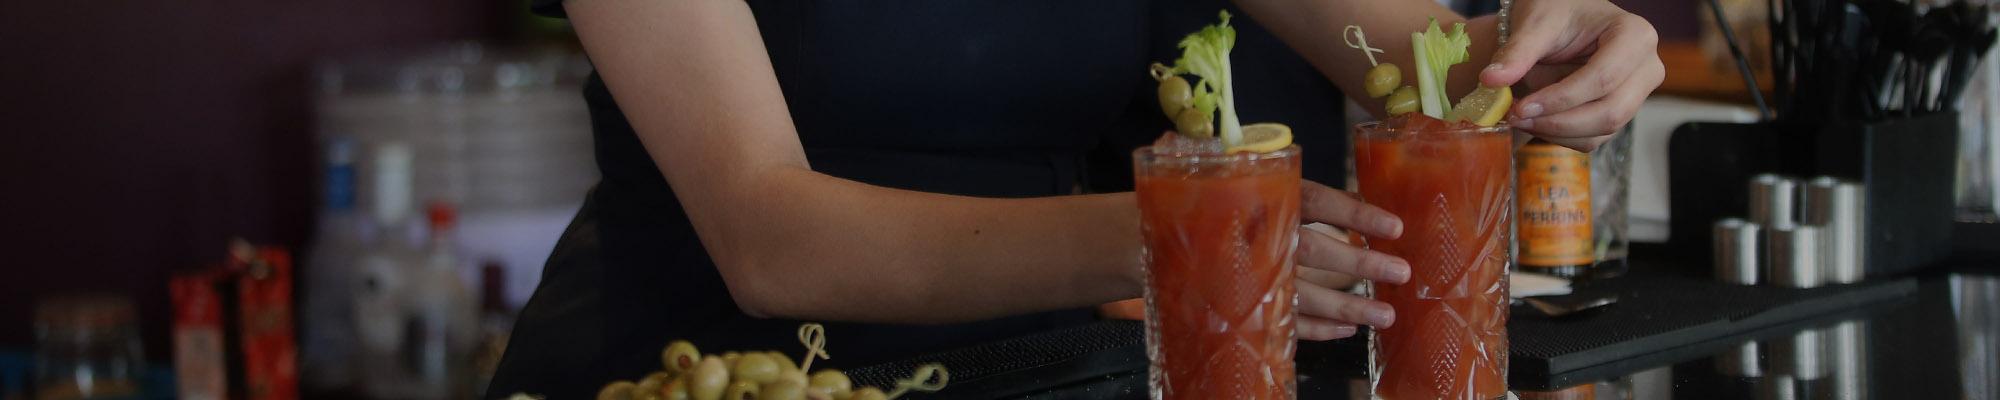 hospitality apprenticeships cocktails bartender